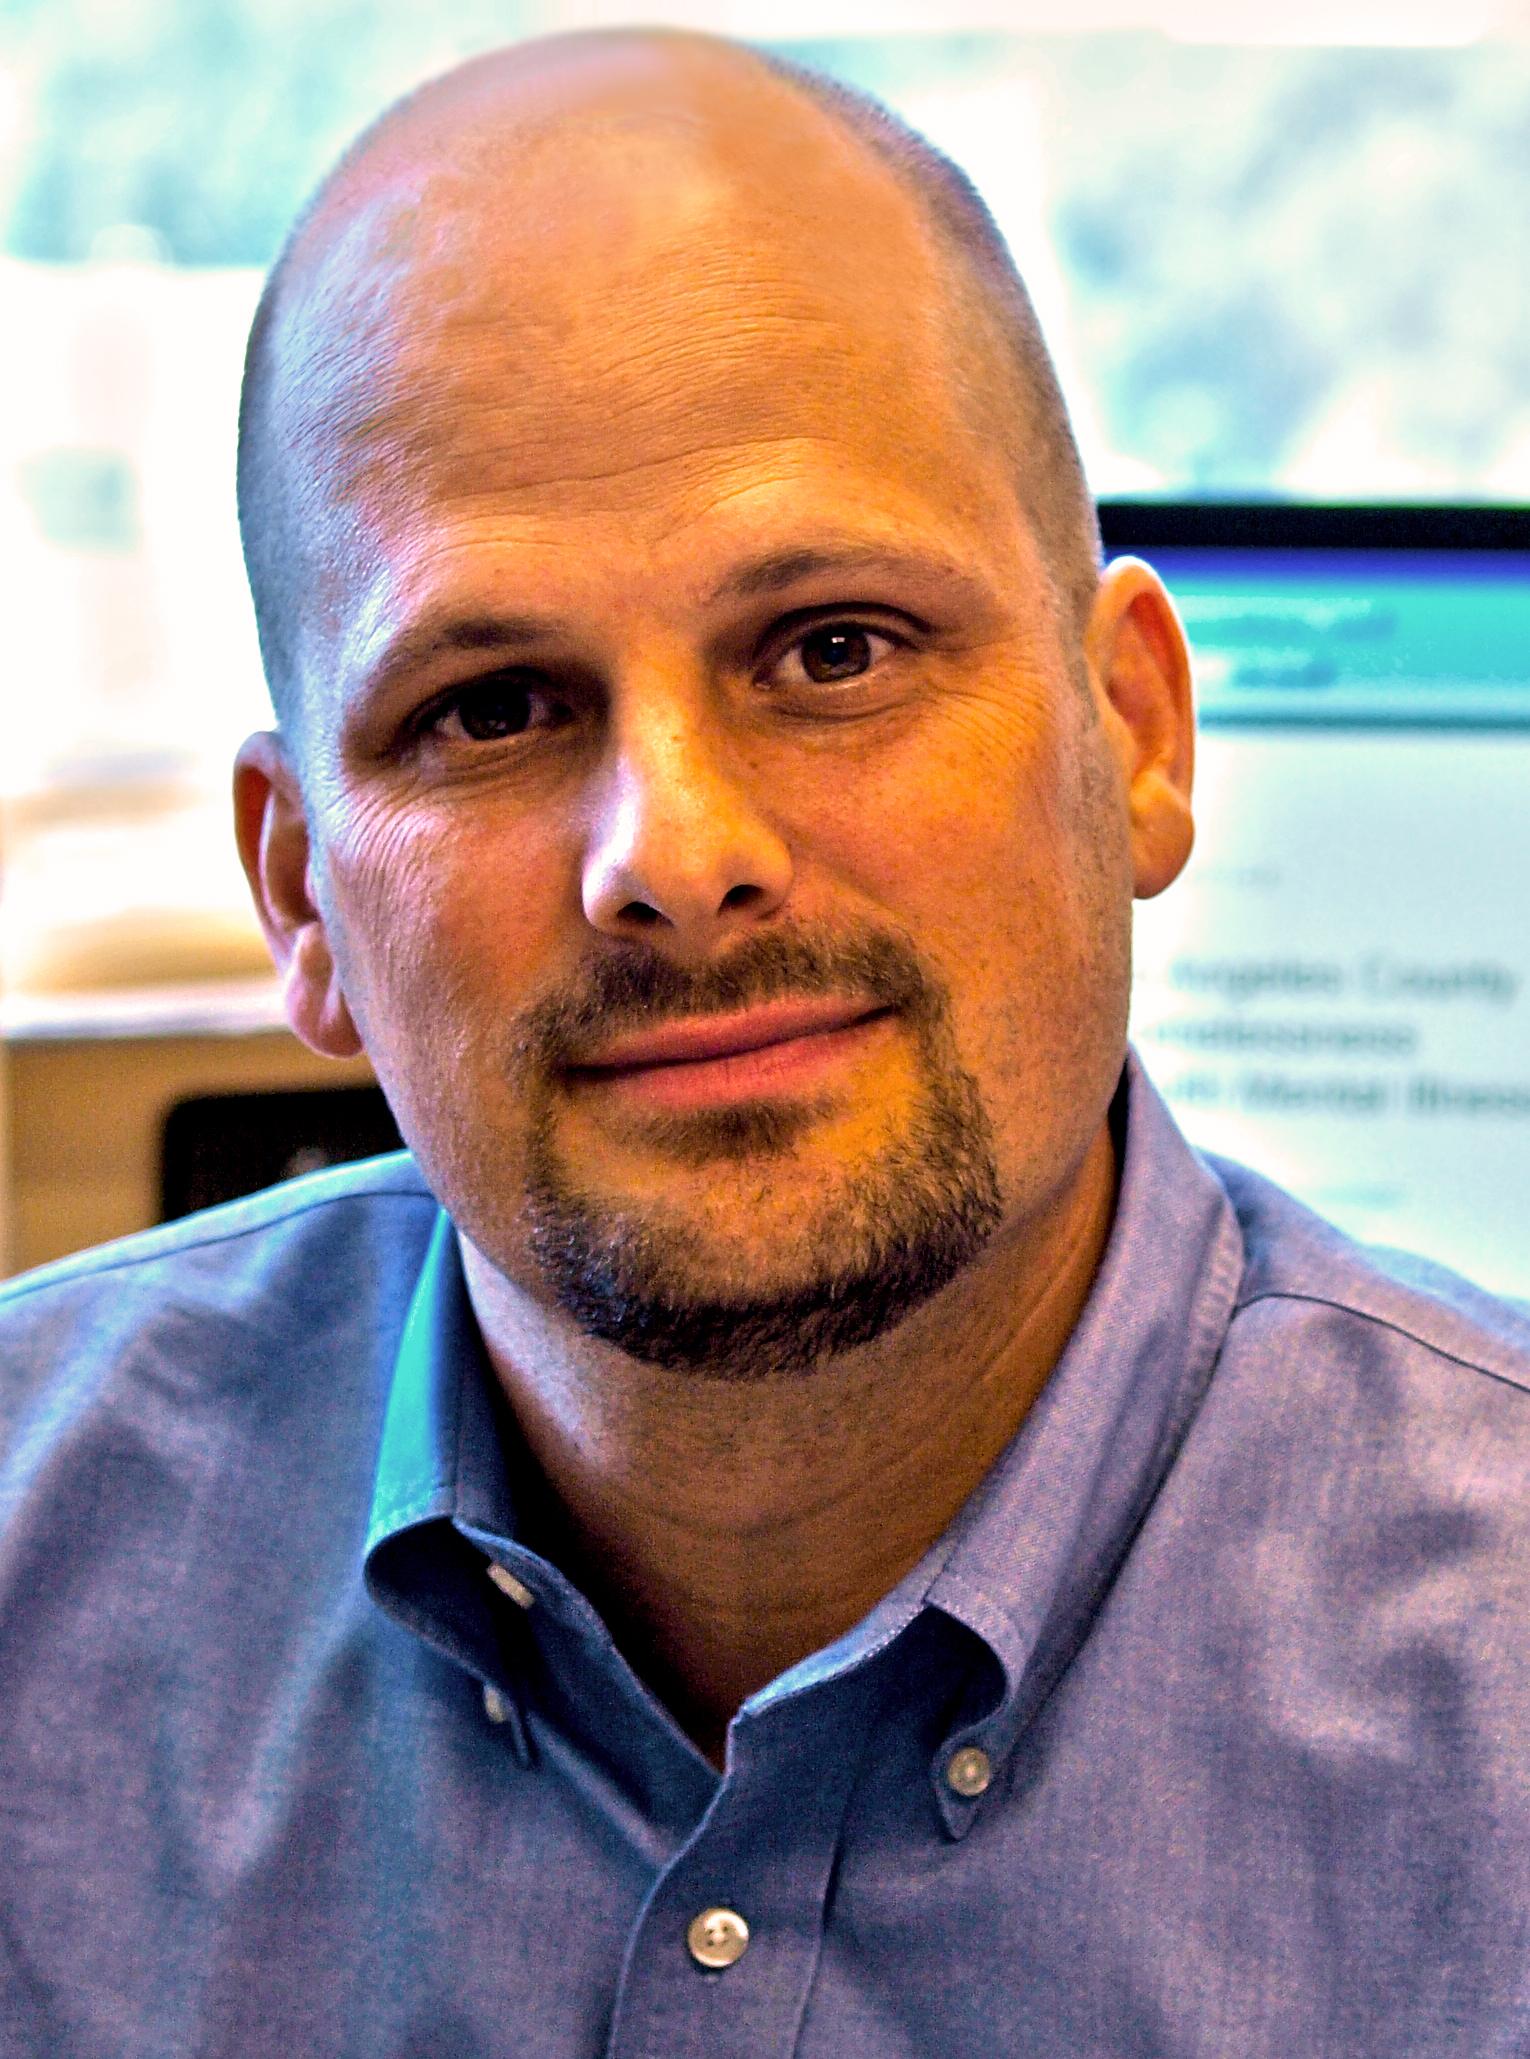 Bill_Pitkin_2011.jpg